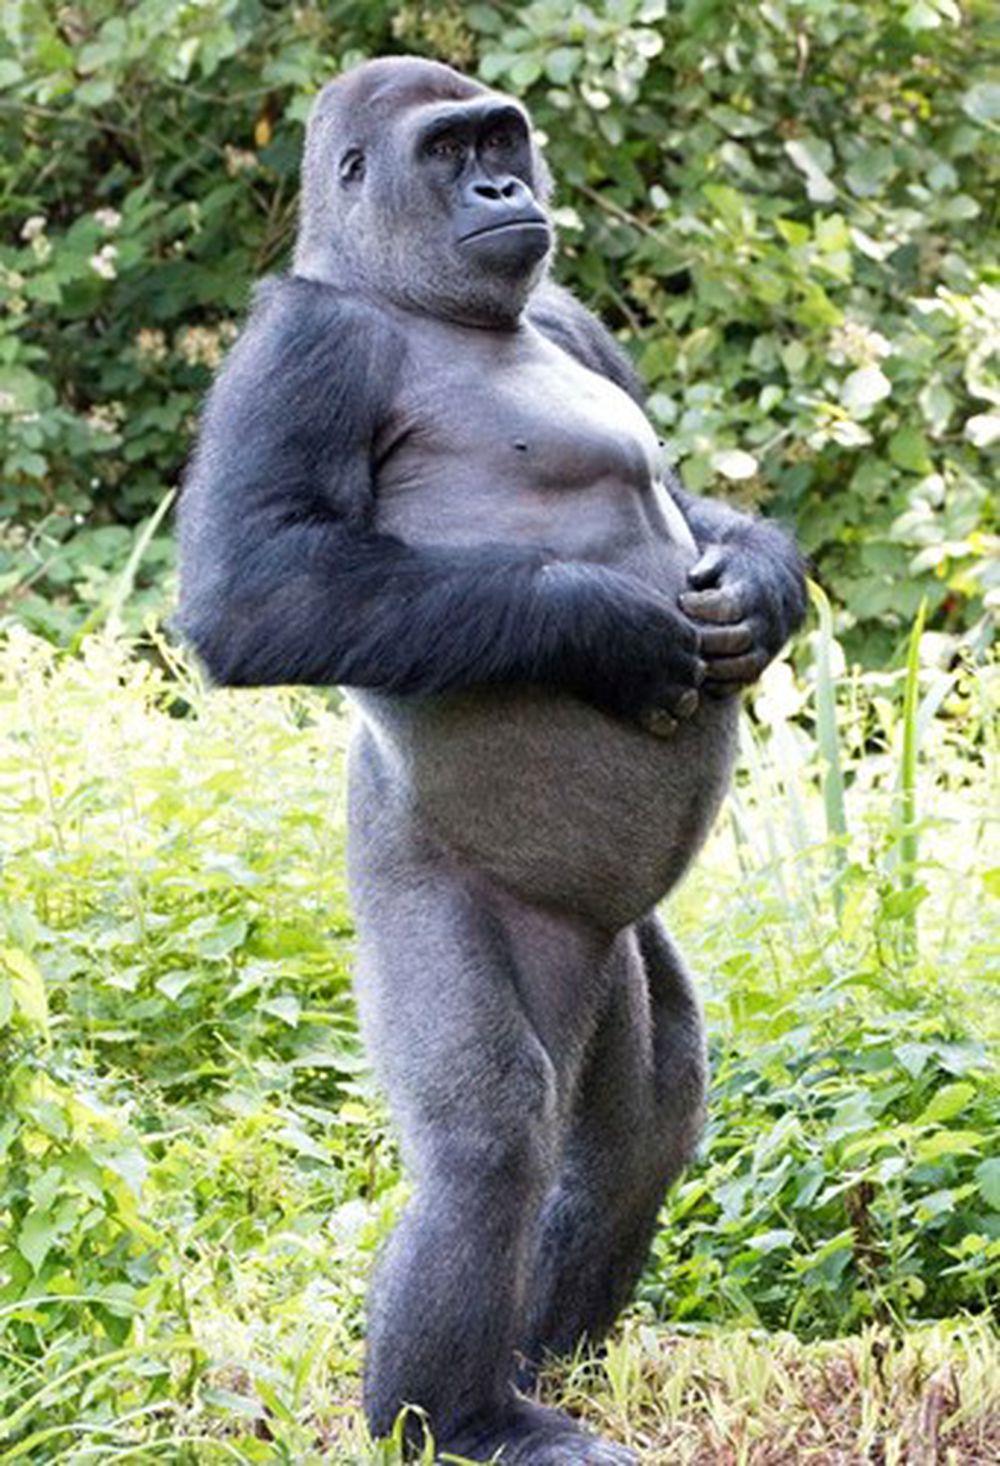 Tận hưởng một buổi chiều nhàn nhã, con khỉ đột đồng bằng đứng thẳng lưng, tay gãi bụng vô cùng thoải mái.